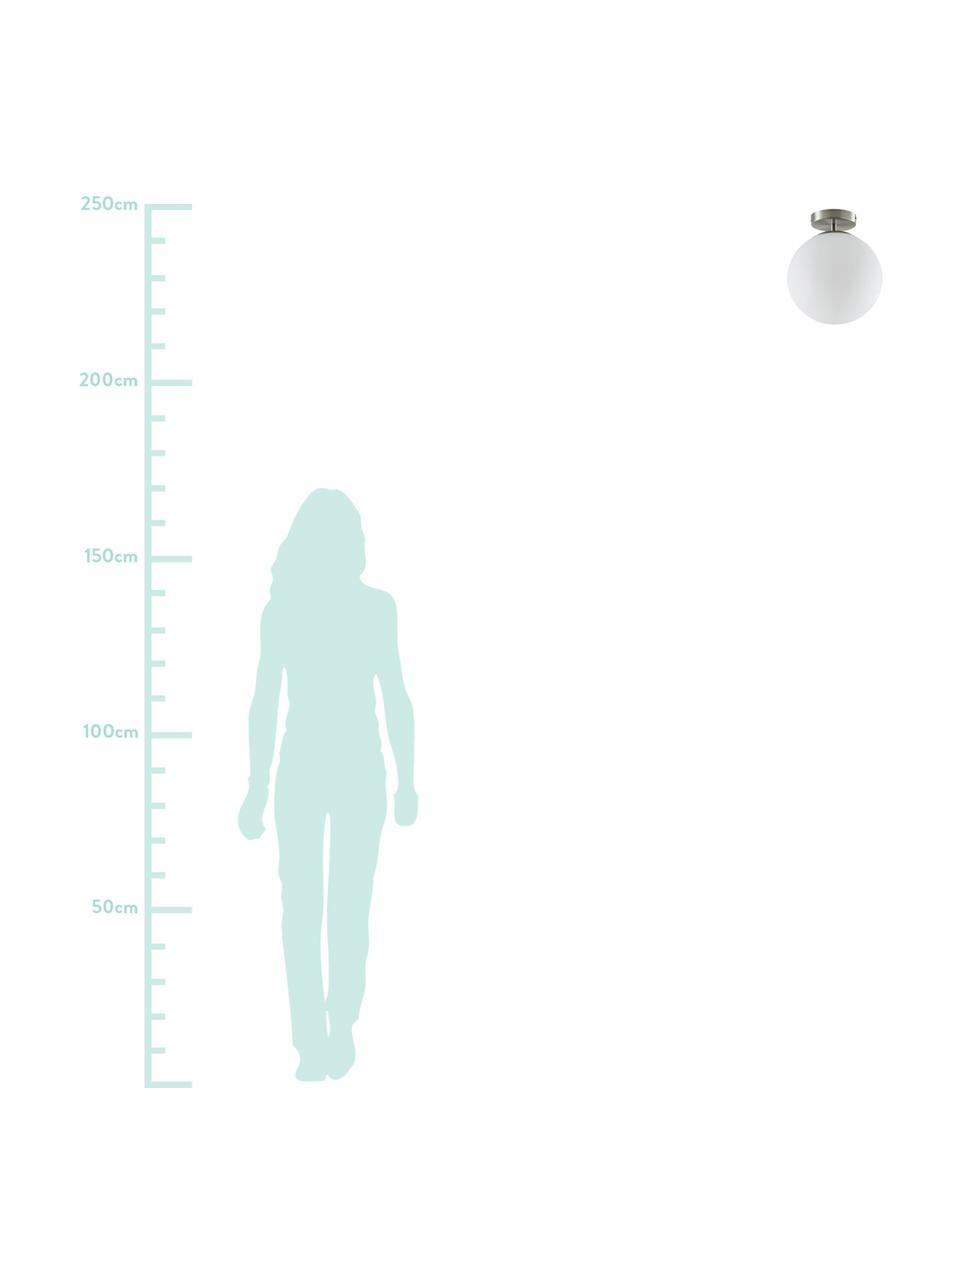 Kleine Deckenleuchte Hitch aus Glas, Baldachin: Metall, vernickelt, Lampenschirm: Glas, Baldachin und Fassung: Silberfarben, mattLampenschirm: Weiss, Ø 25 x H 30 cm